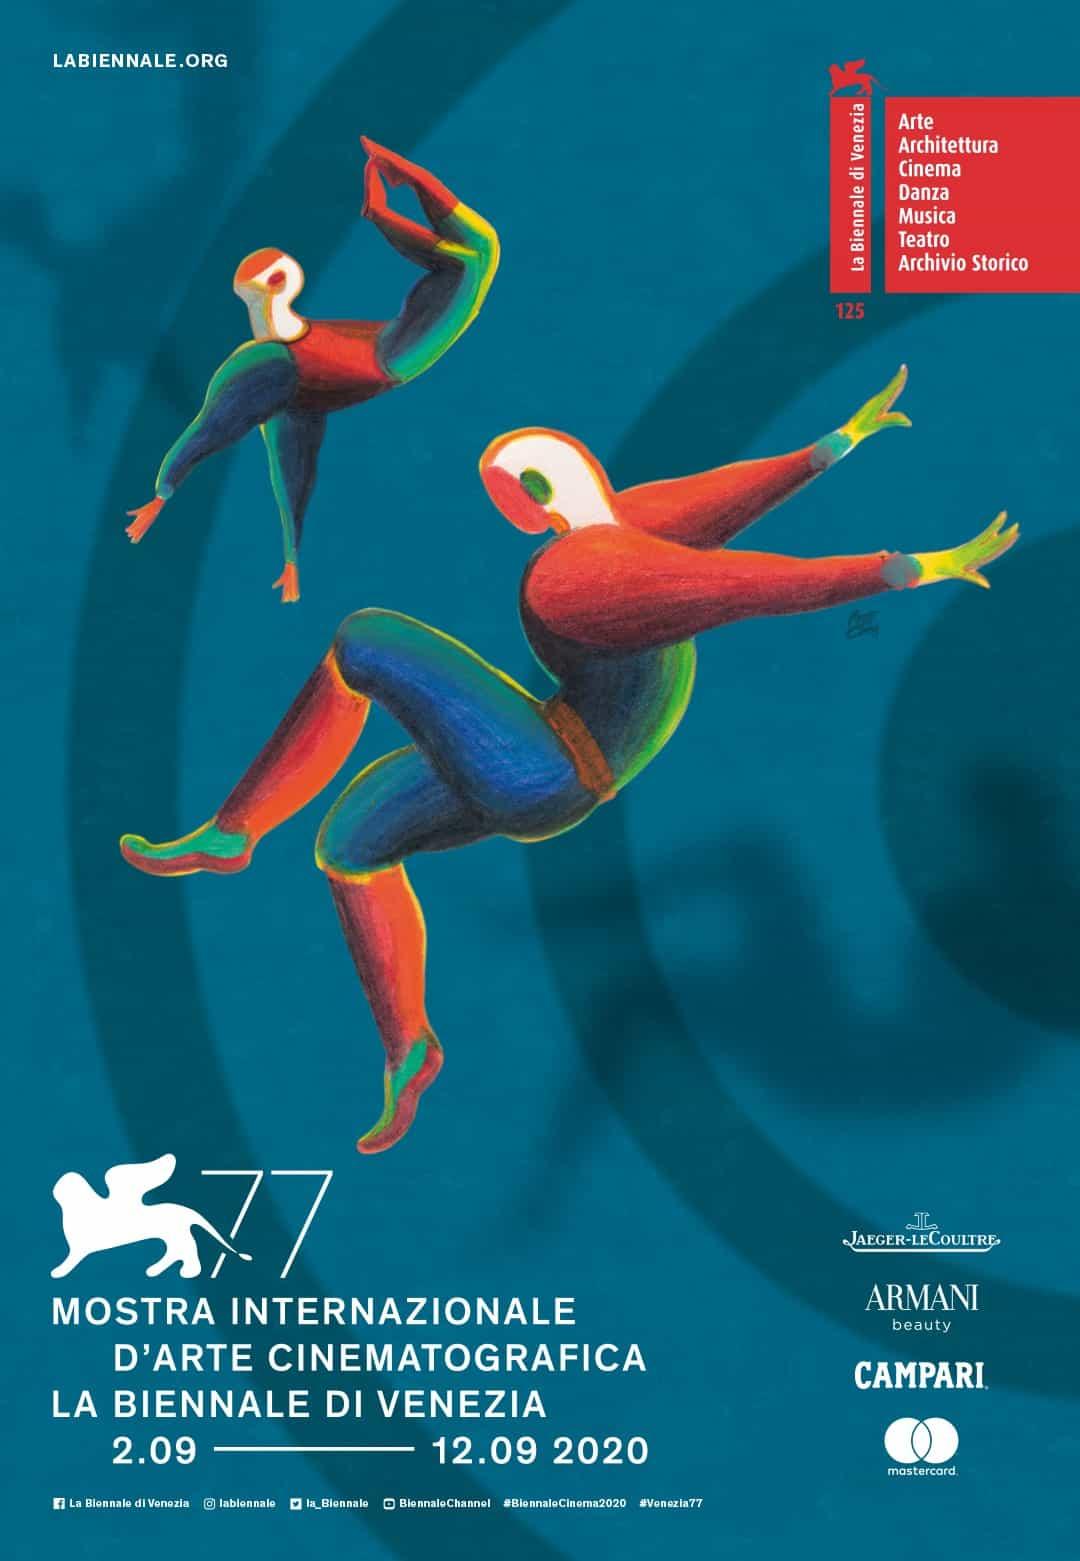 Le quattro Giurie internazionali della Mostra del Cinema di Venezia 2020 - NonSoloCinema